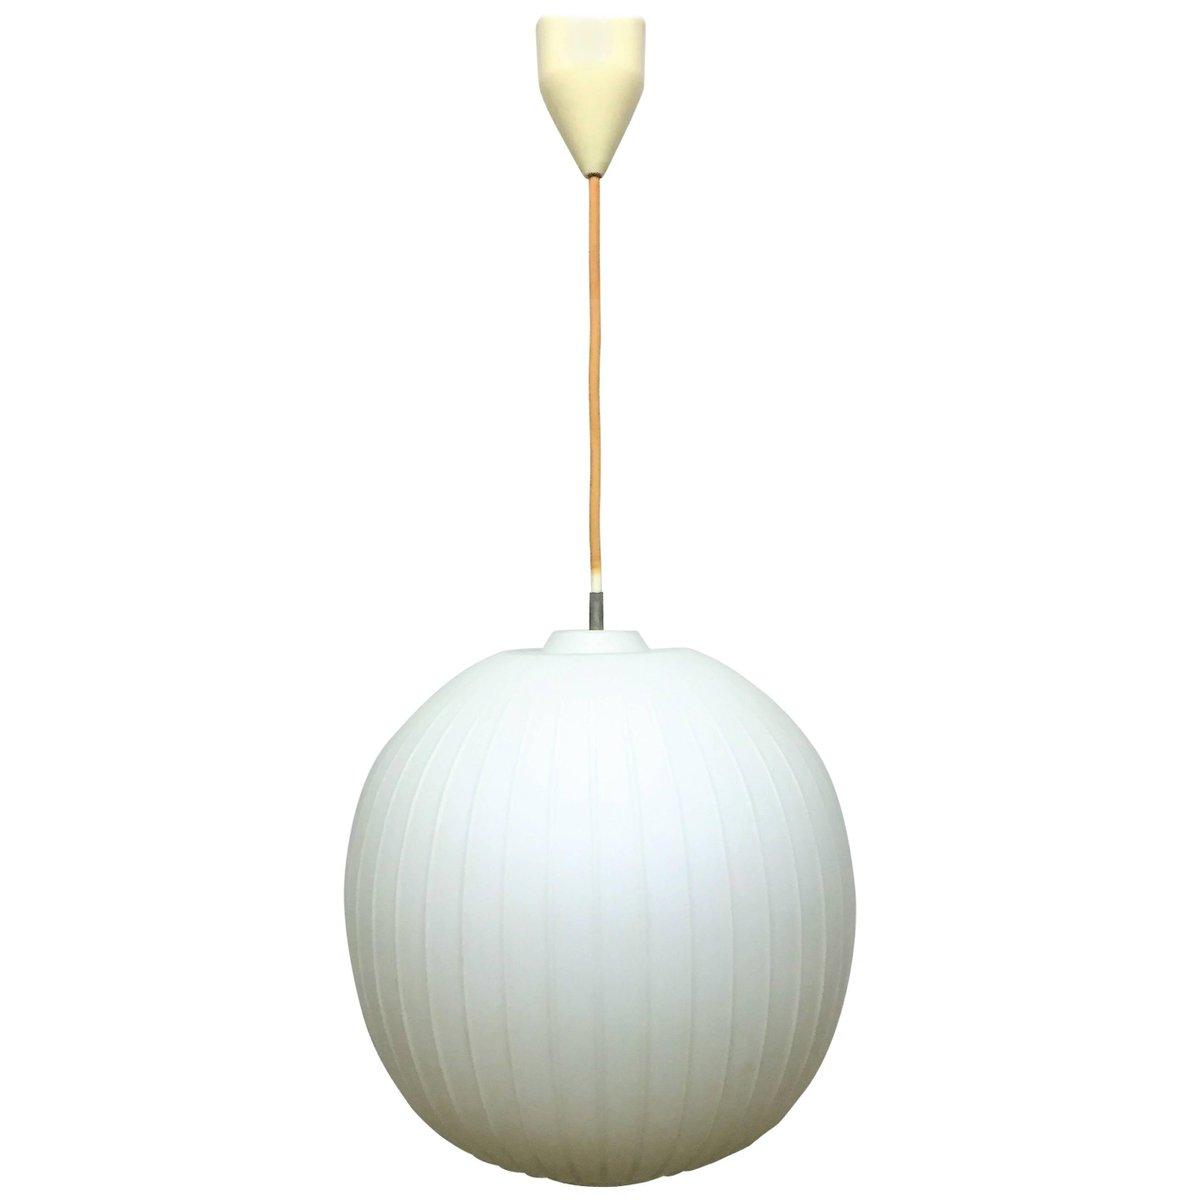 tischlampe von studio bbpr f r artemide 1963 schmiede uwe beer. Black Bedroom Furniture Sets. Home Design Ideas